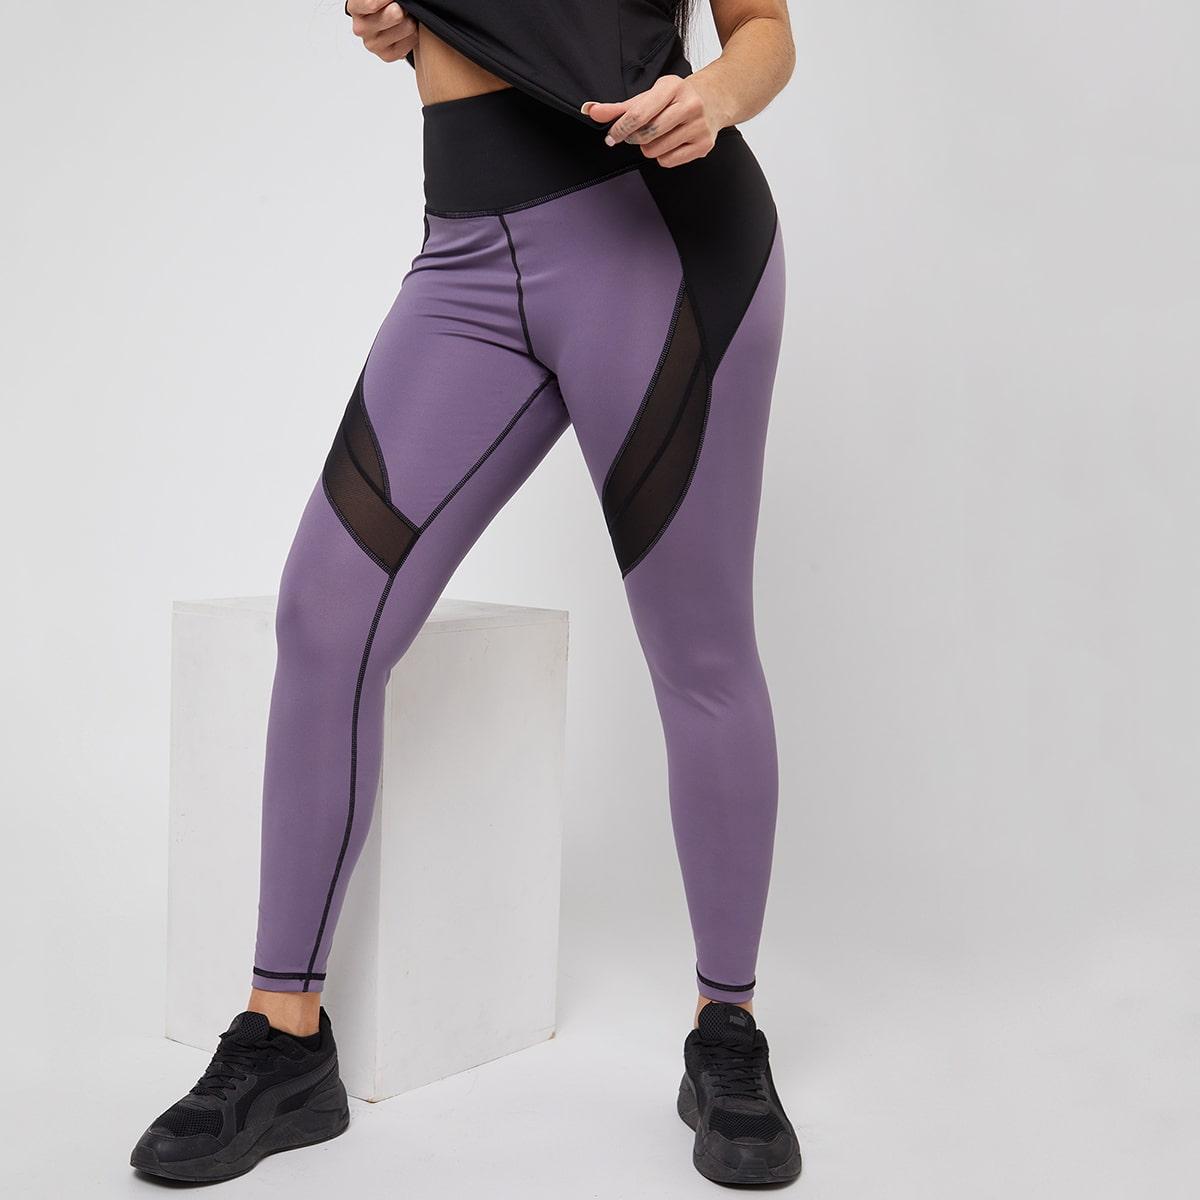 Контрастная сетка Контрастный цвет Спортивные леггинсы & брюки размера плюс